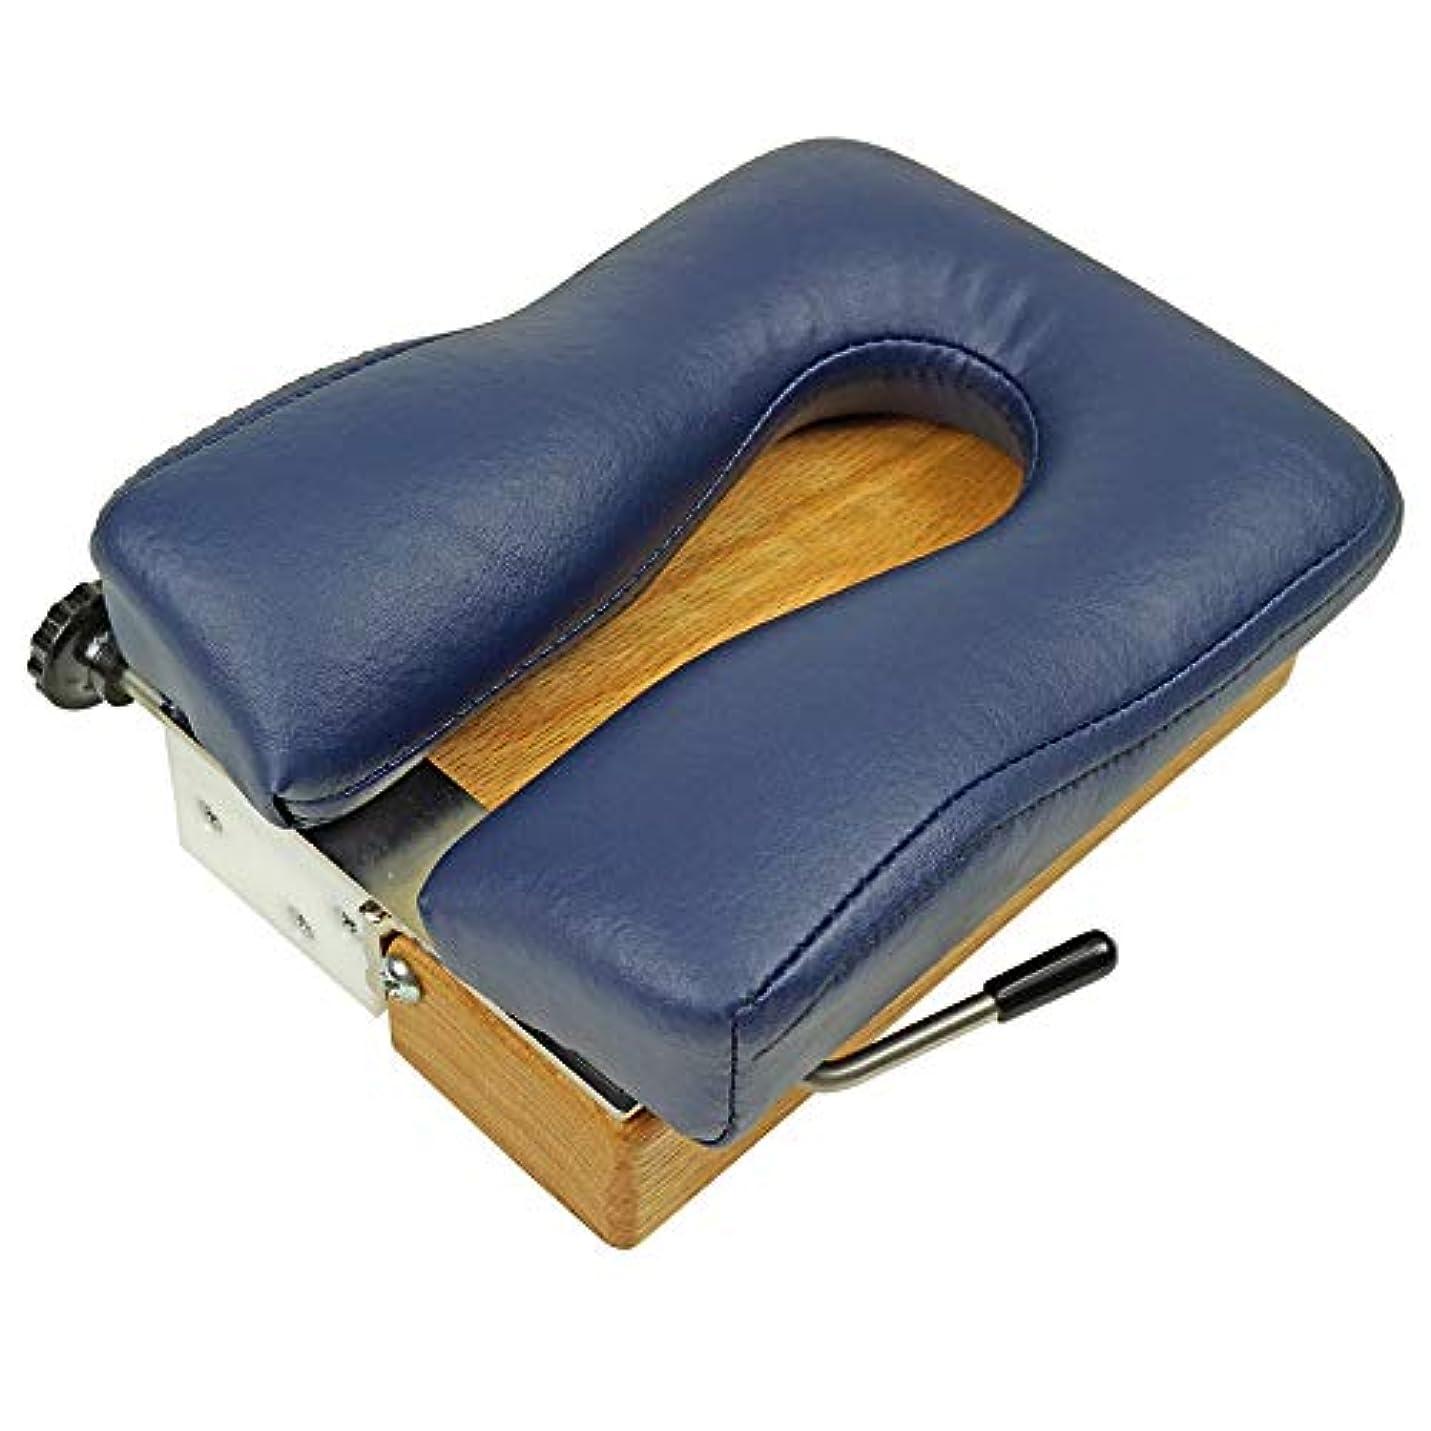 悪行池悲劇LLOYD (ロイドテーブル) ターグルリコイル ドロップ ポータブルドロップ 【 ヘッドピース 上部頚椎用 】